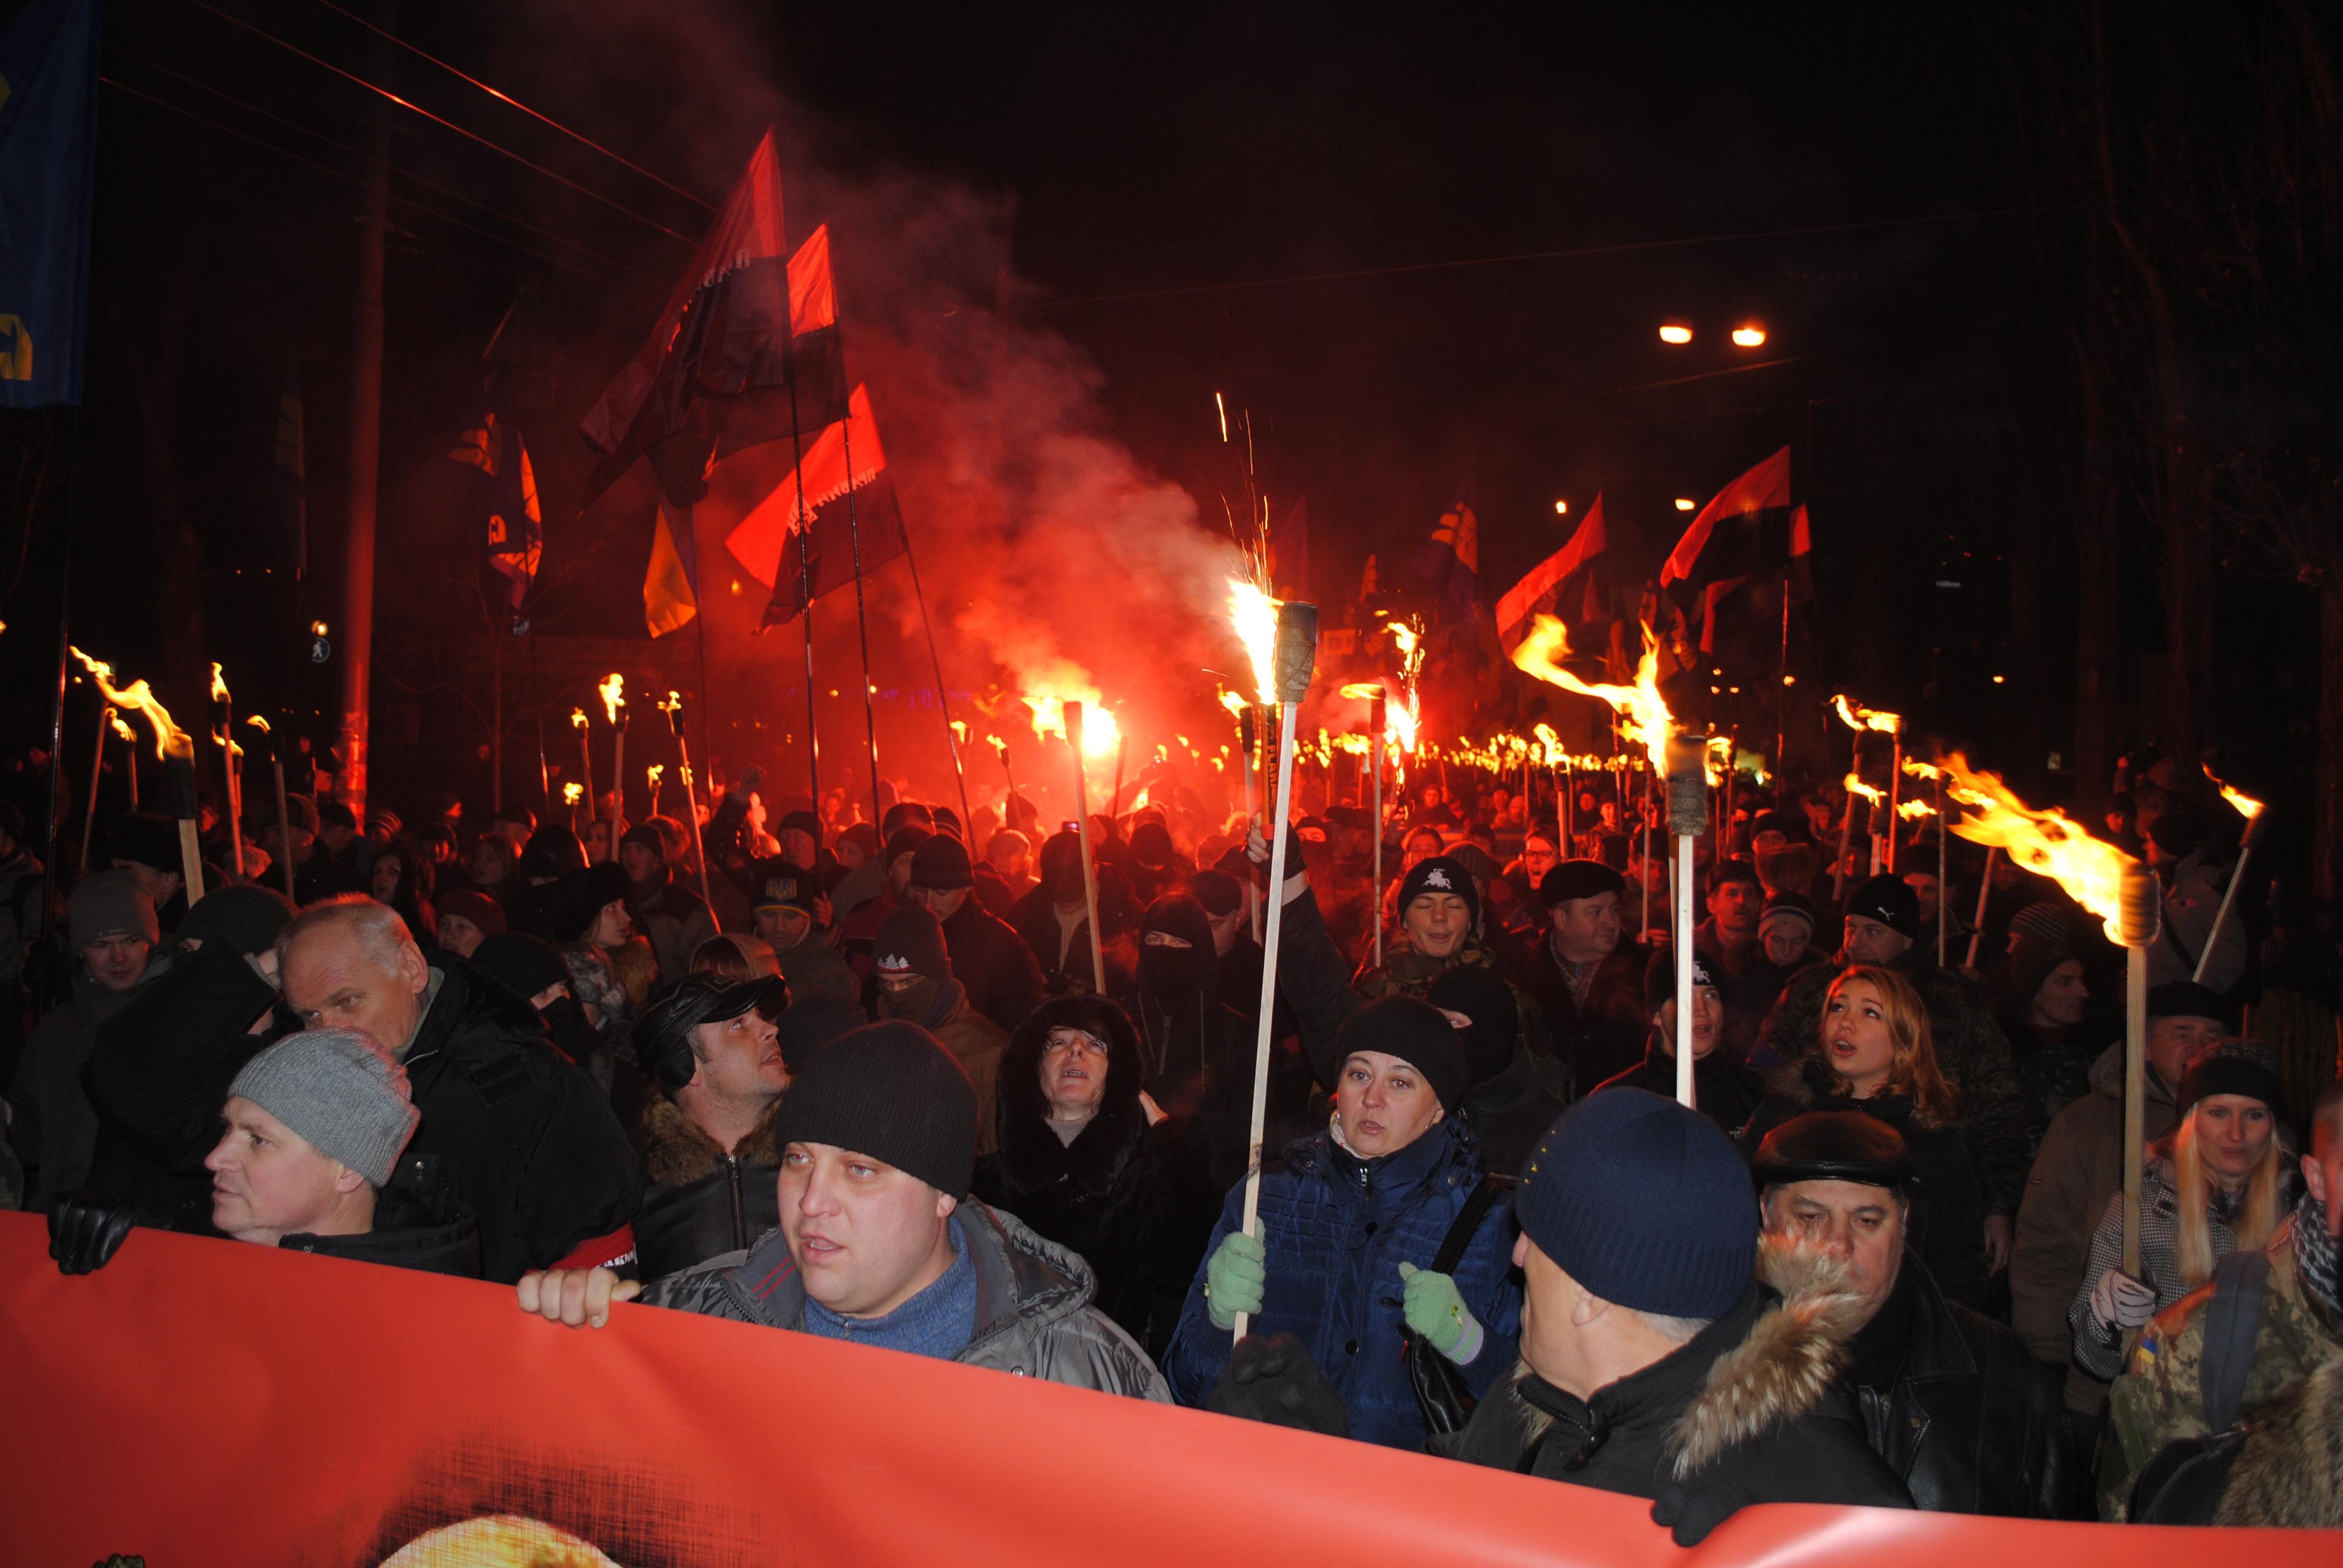 Картинки факельное шествие на украине